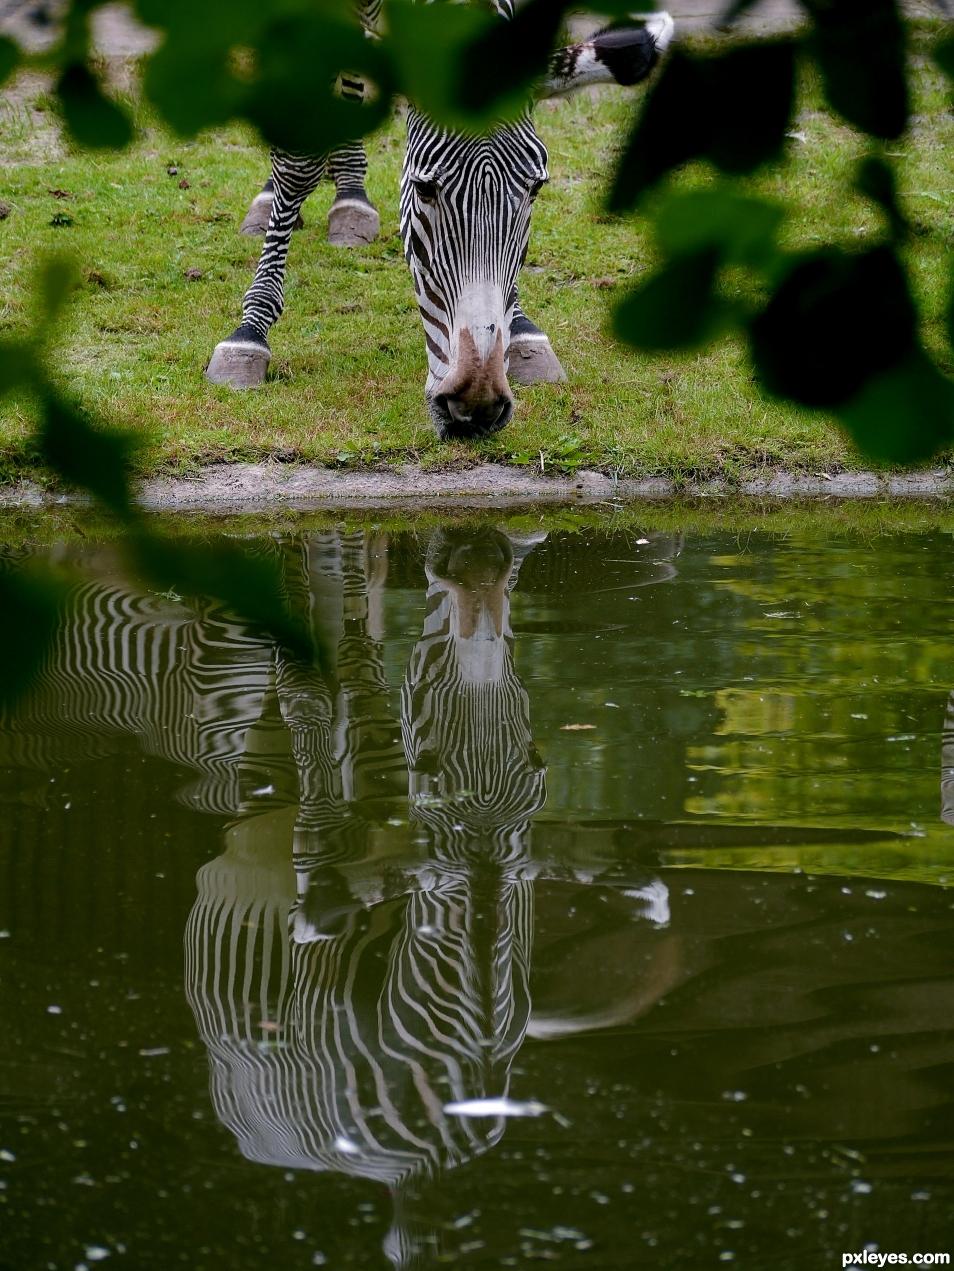 A thirsty Zebra